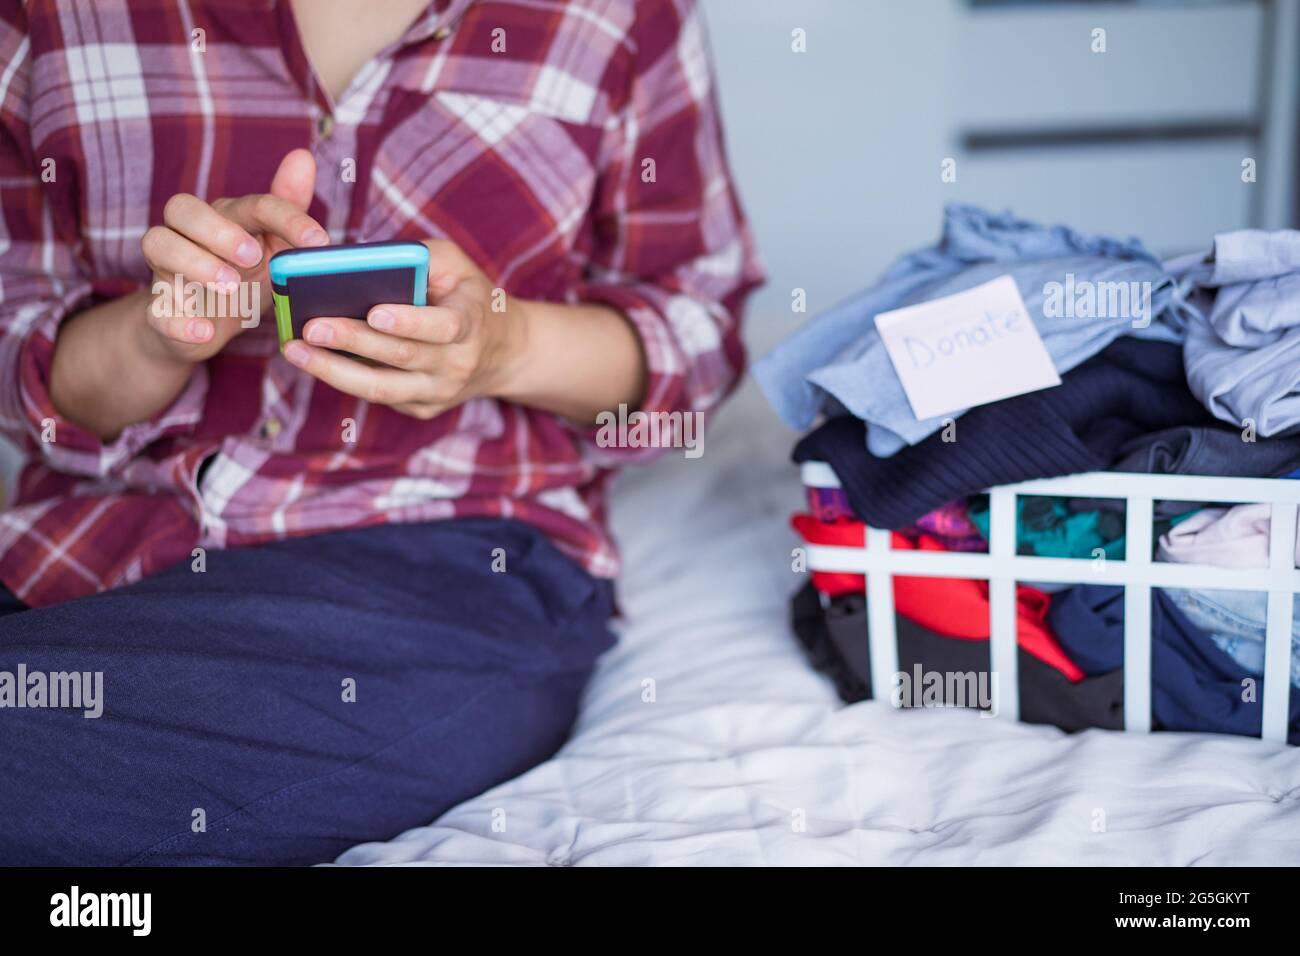 Gros plan femme utilisant son smartphone pour trouver des endroits où donner ses vêtements. Débrayer les vêtements, trier et nettoyer. Consommateur conscient Banque D'Images